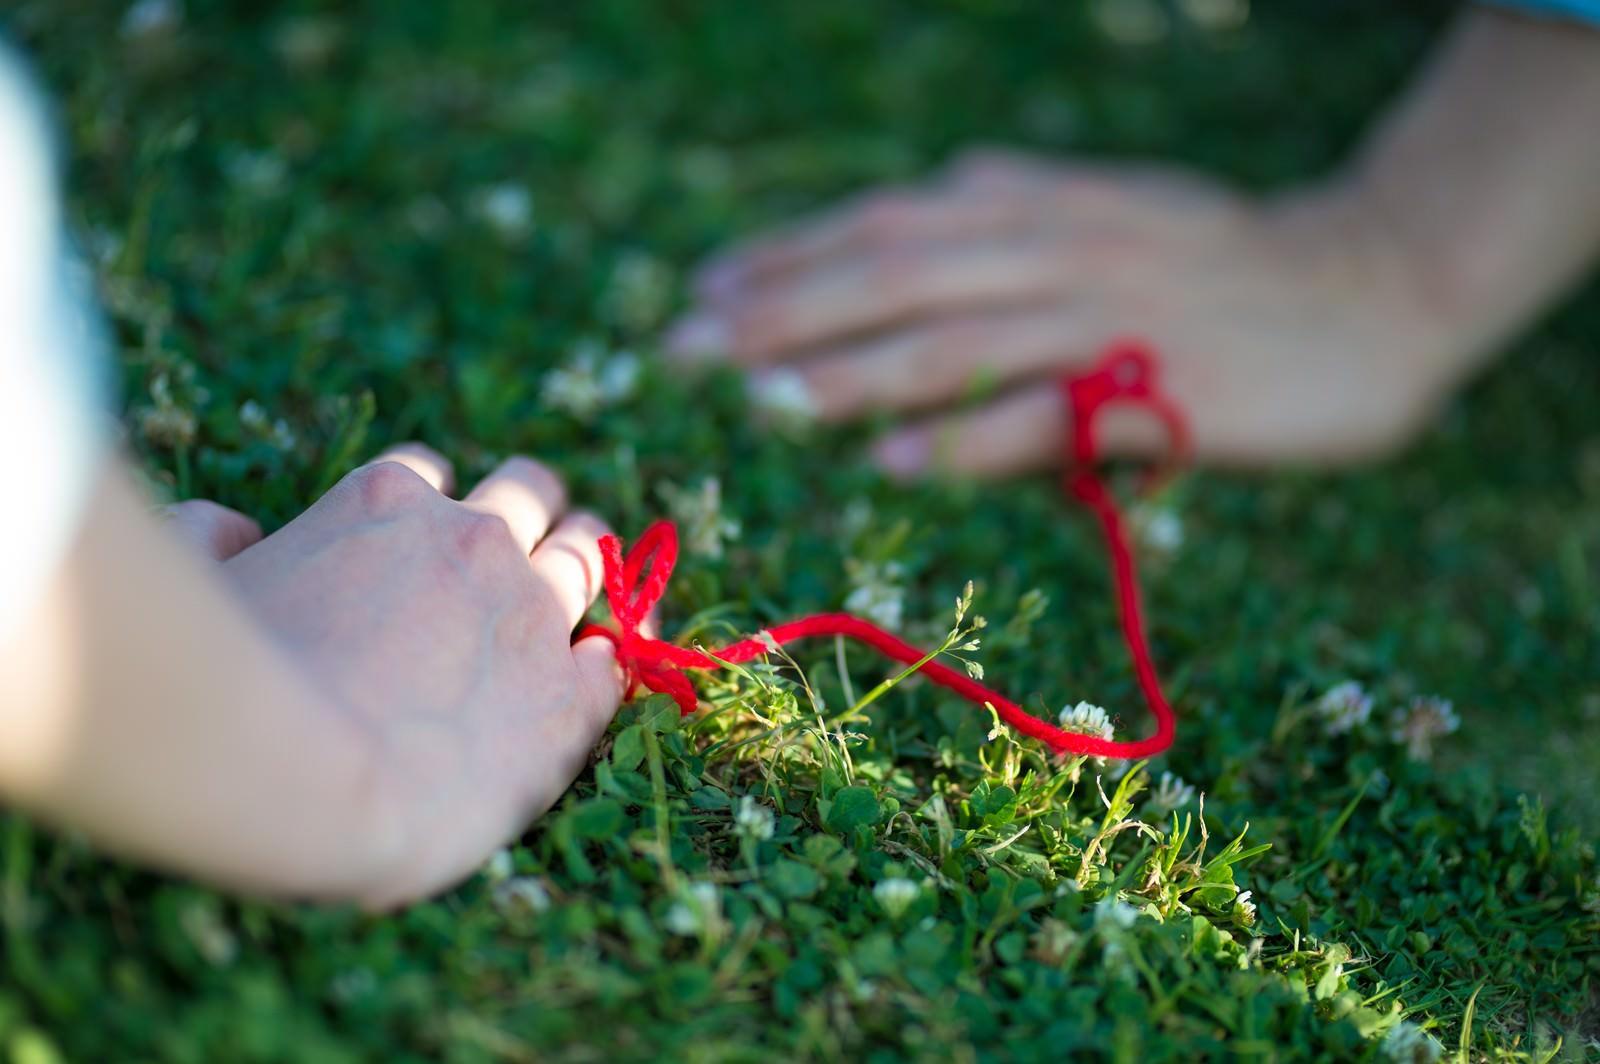 「赤い糸でつながれた女性と男性の手」の写真